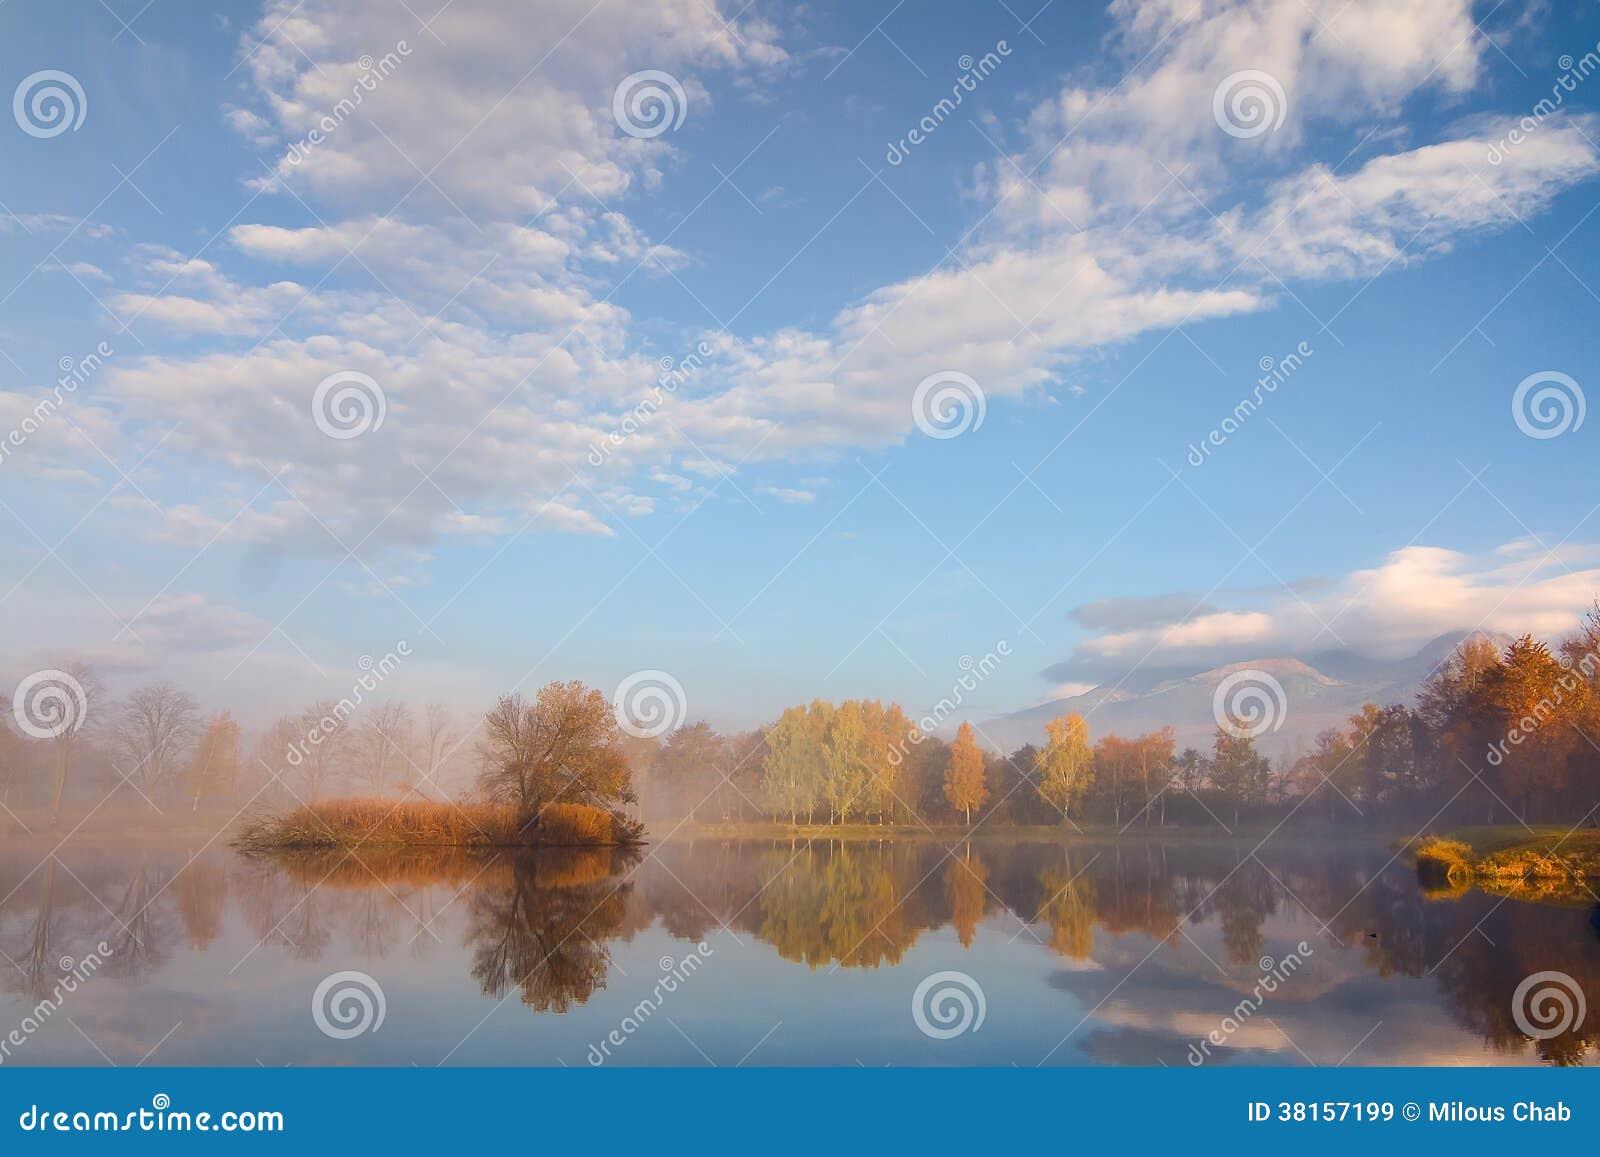 Paisagem do outono e lago nevoento